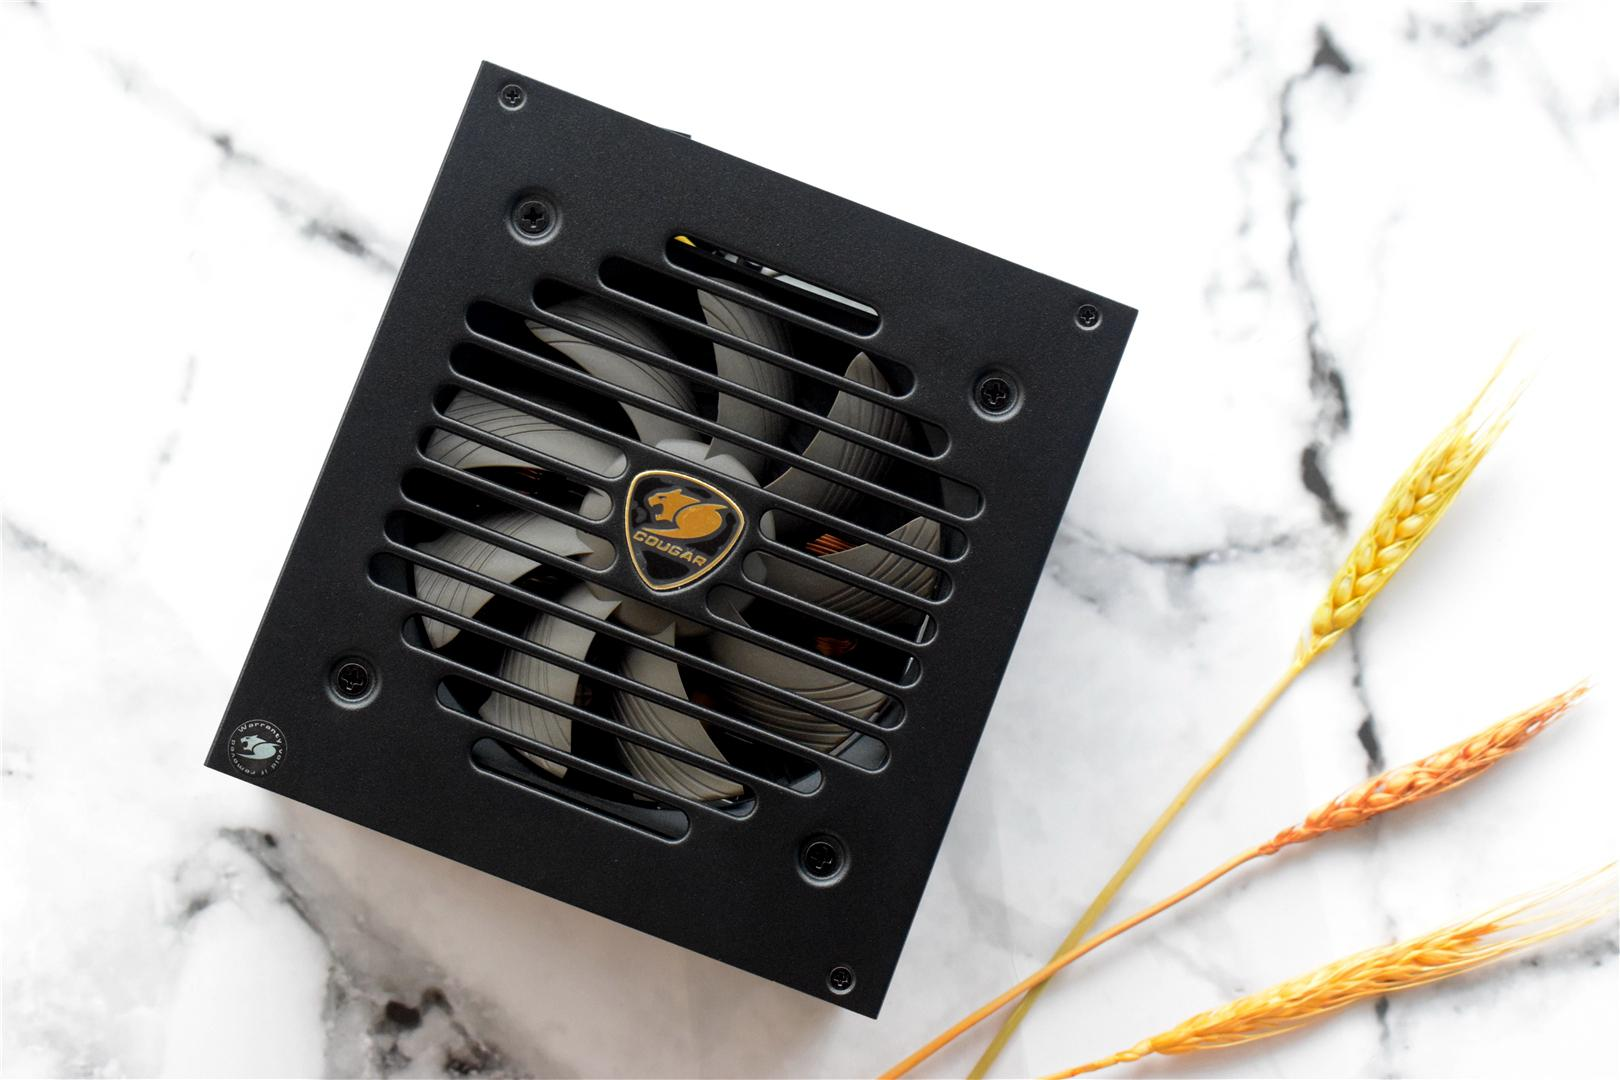 电脑DIY之稳定性与散热性兼得,骨伽GEX 750W电源装机